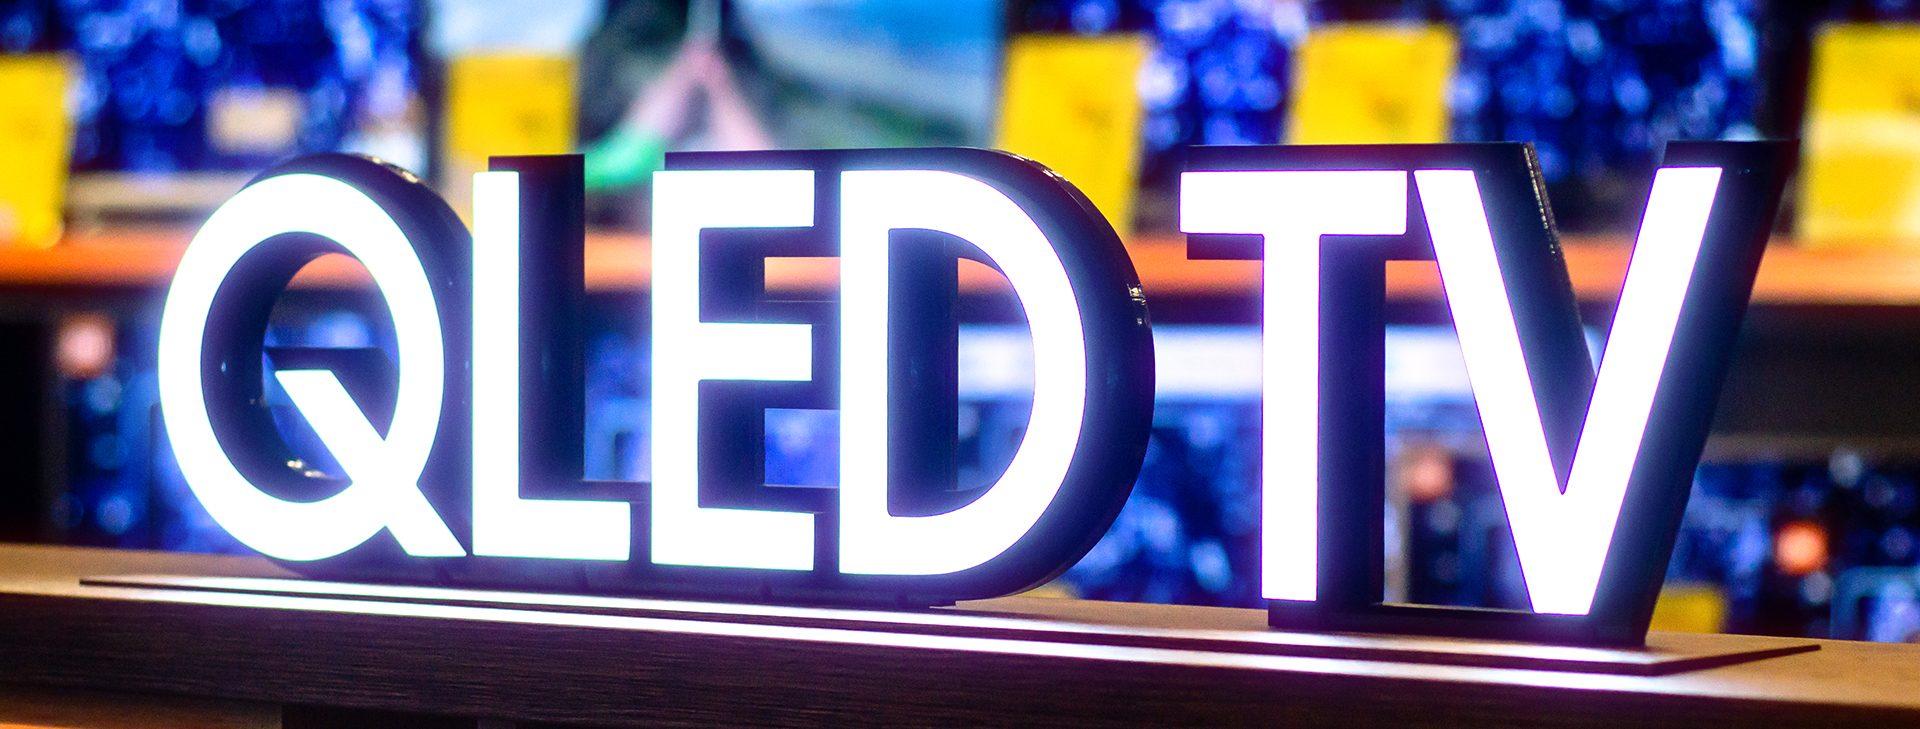 Was ist QLED? - QLED erklärt